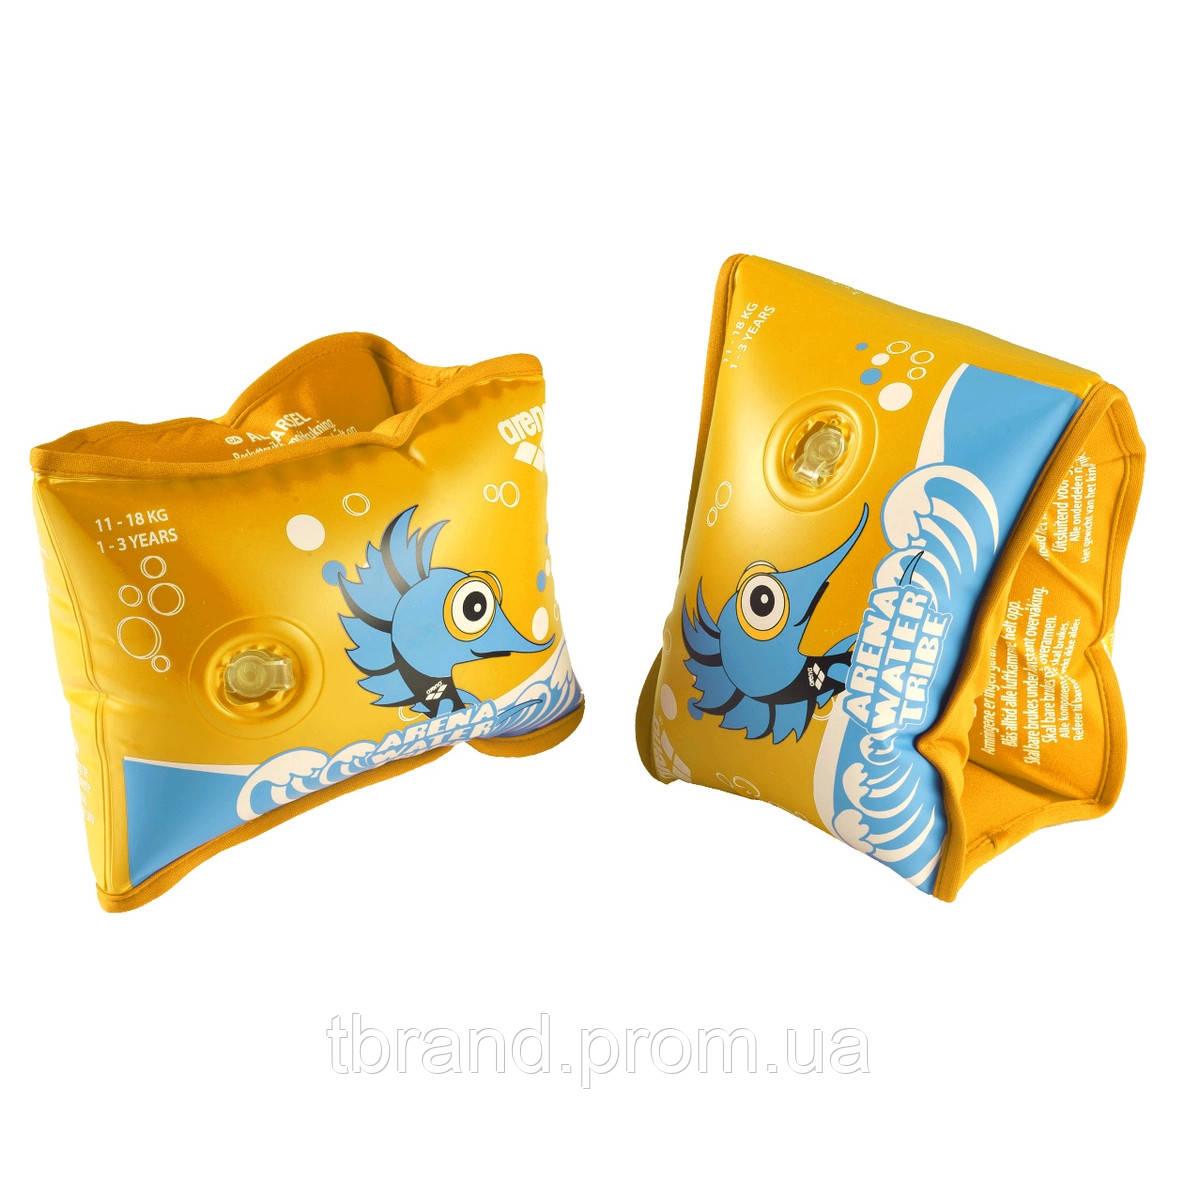 Поплавок детский желтый Аrena - MYBAZA  в Киеве